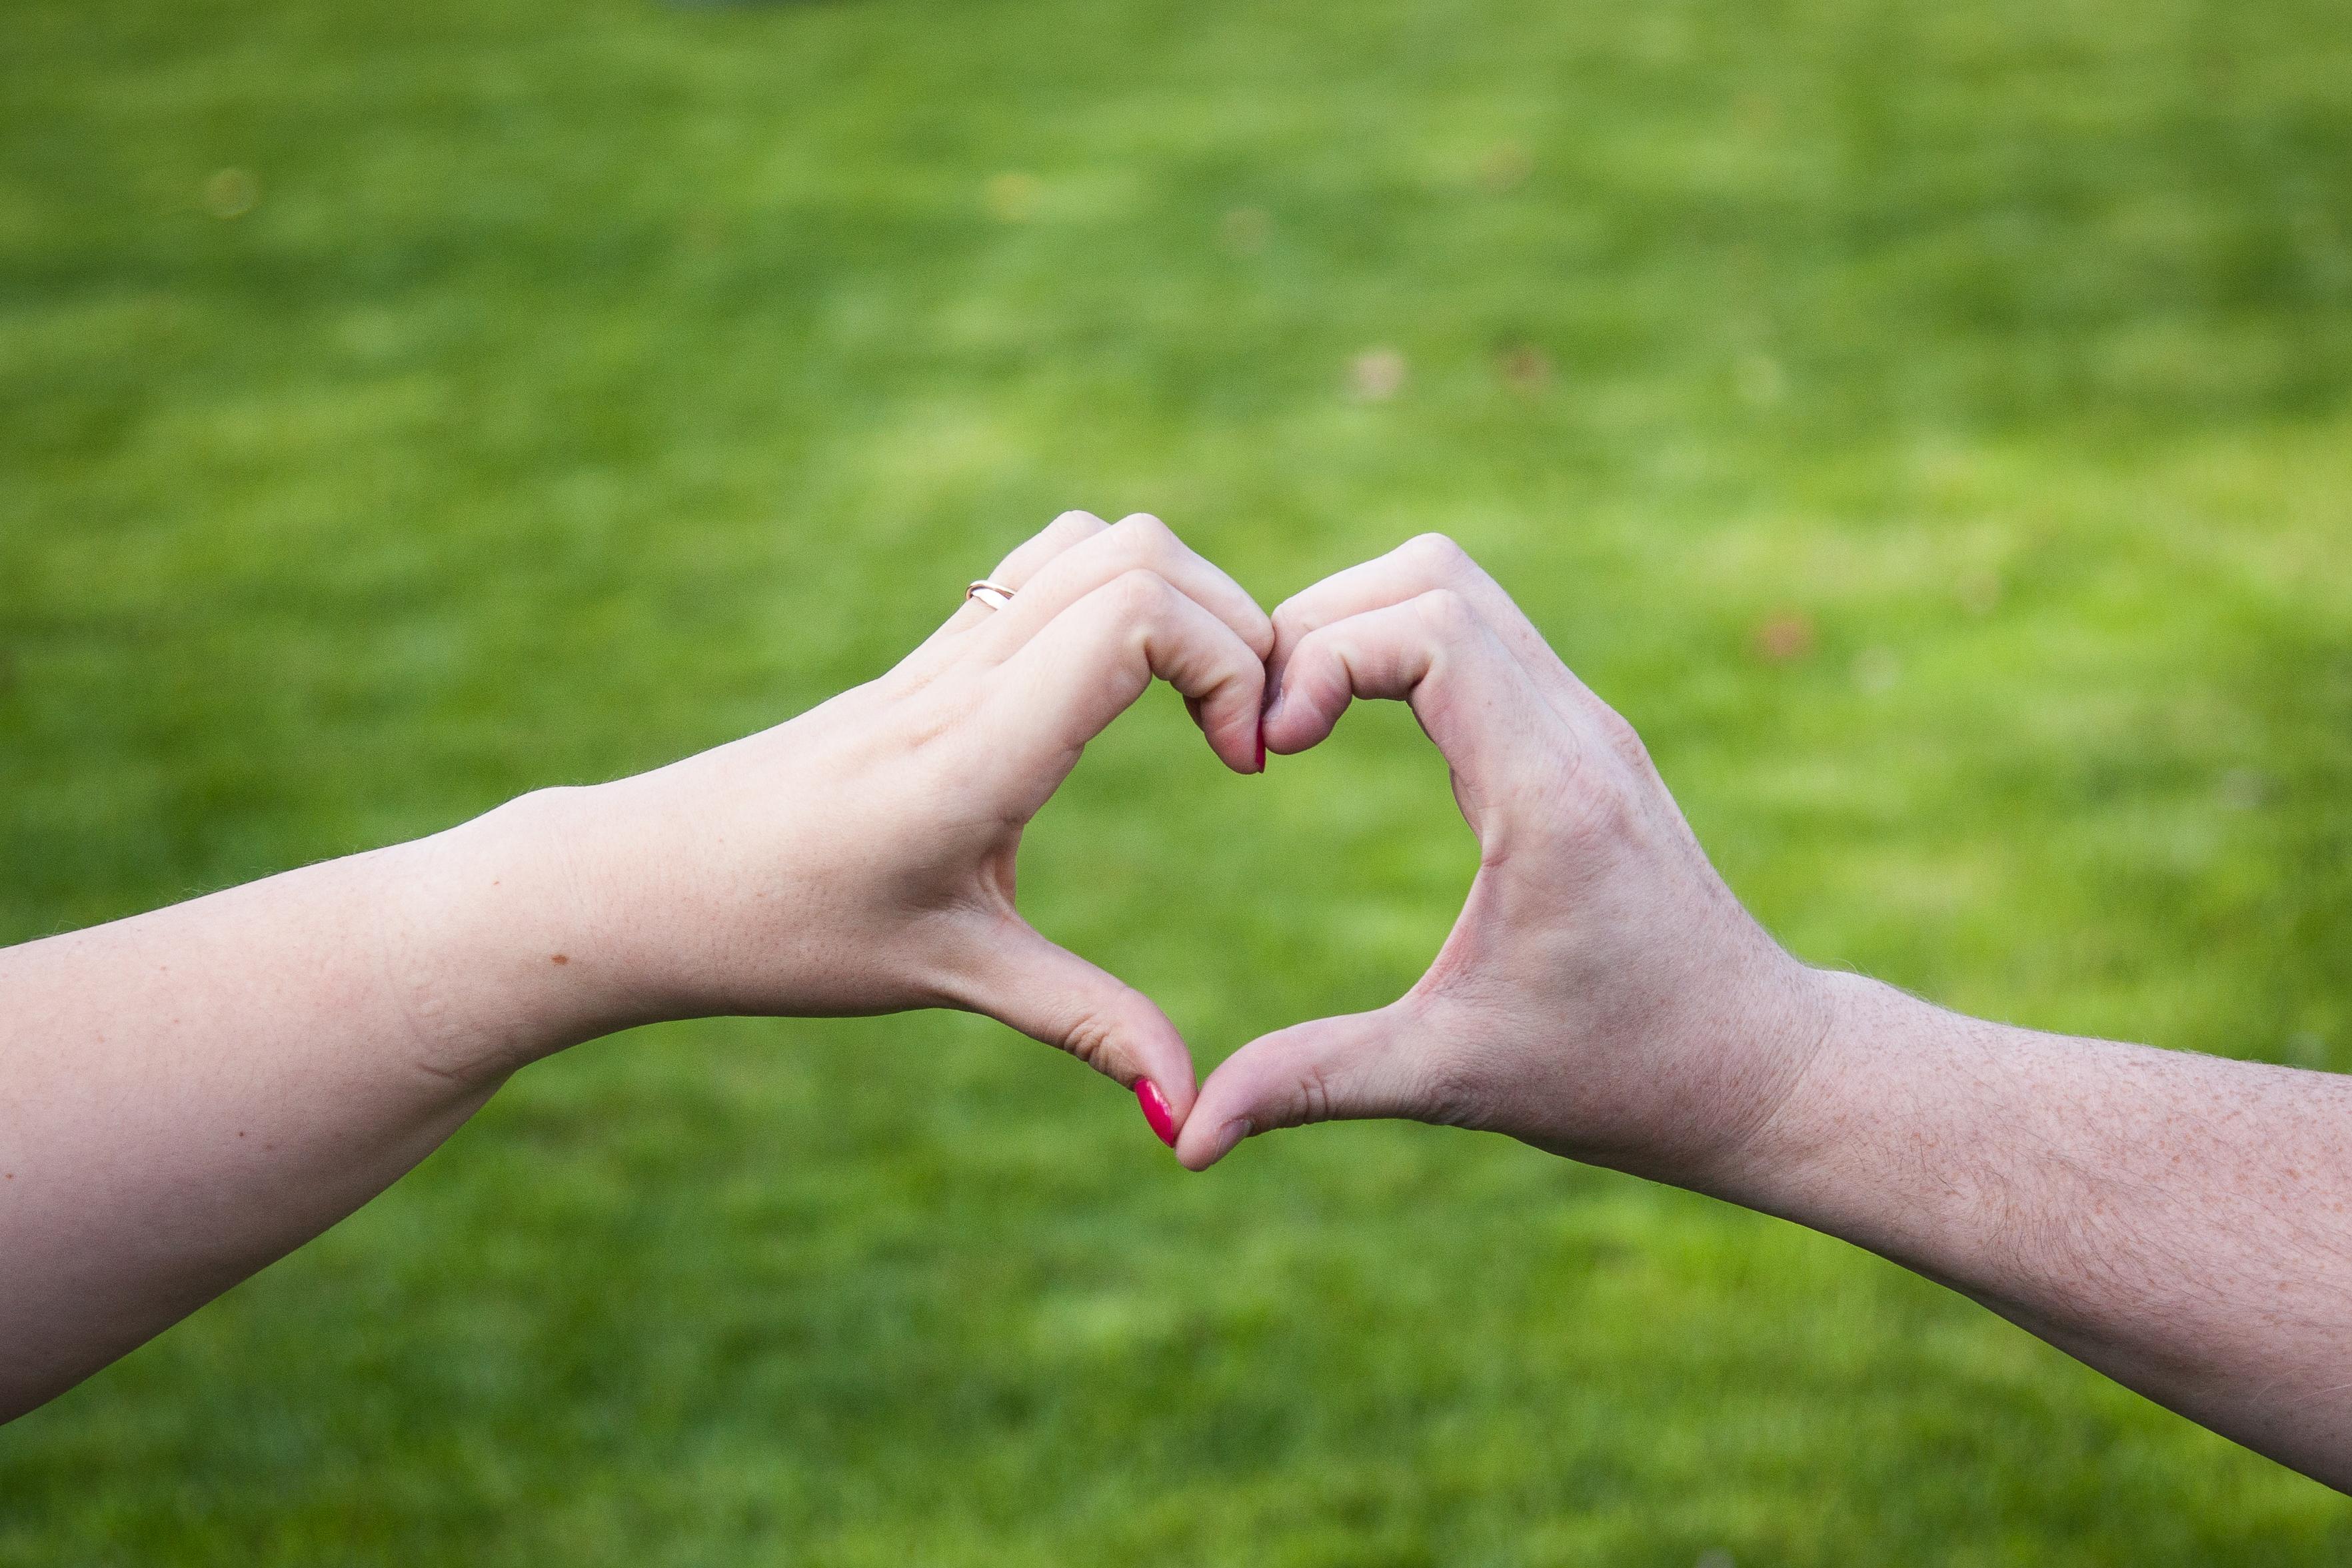 romantische ideeën tijdens het daten